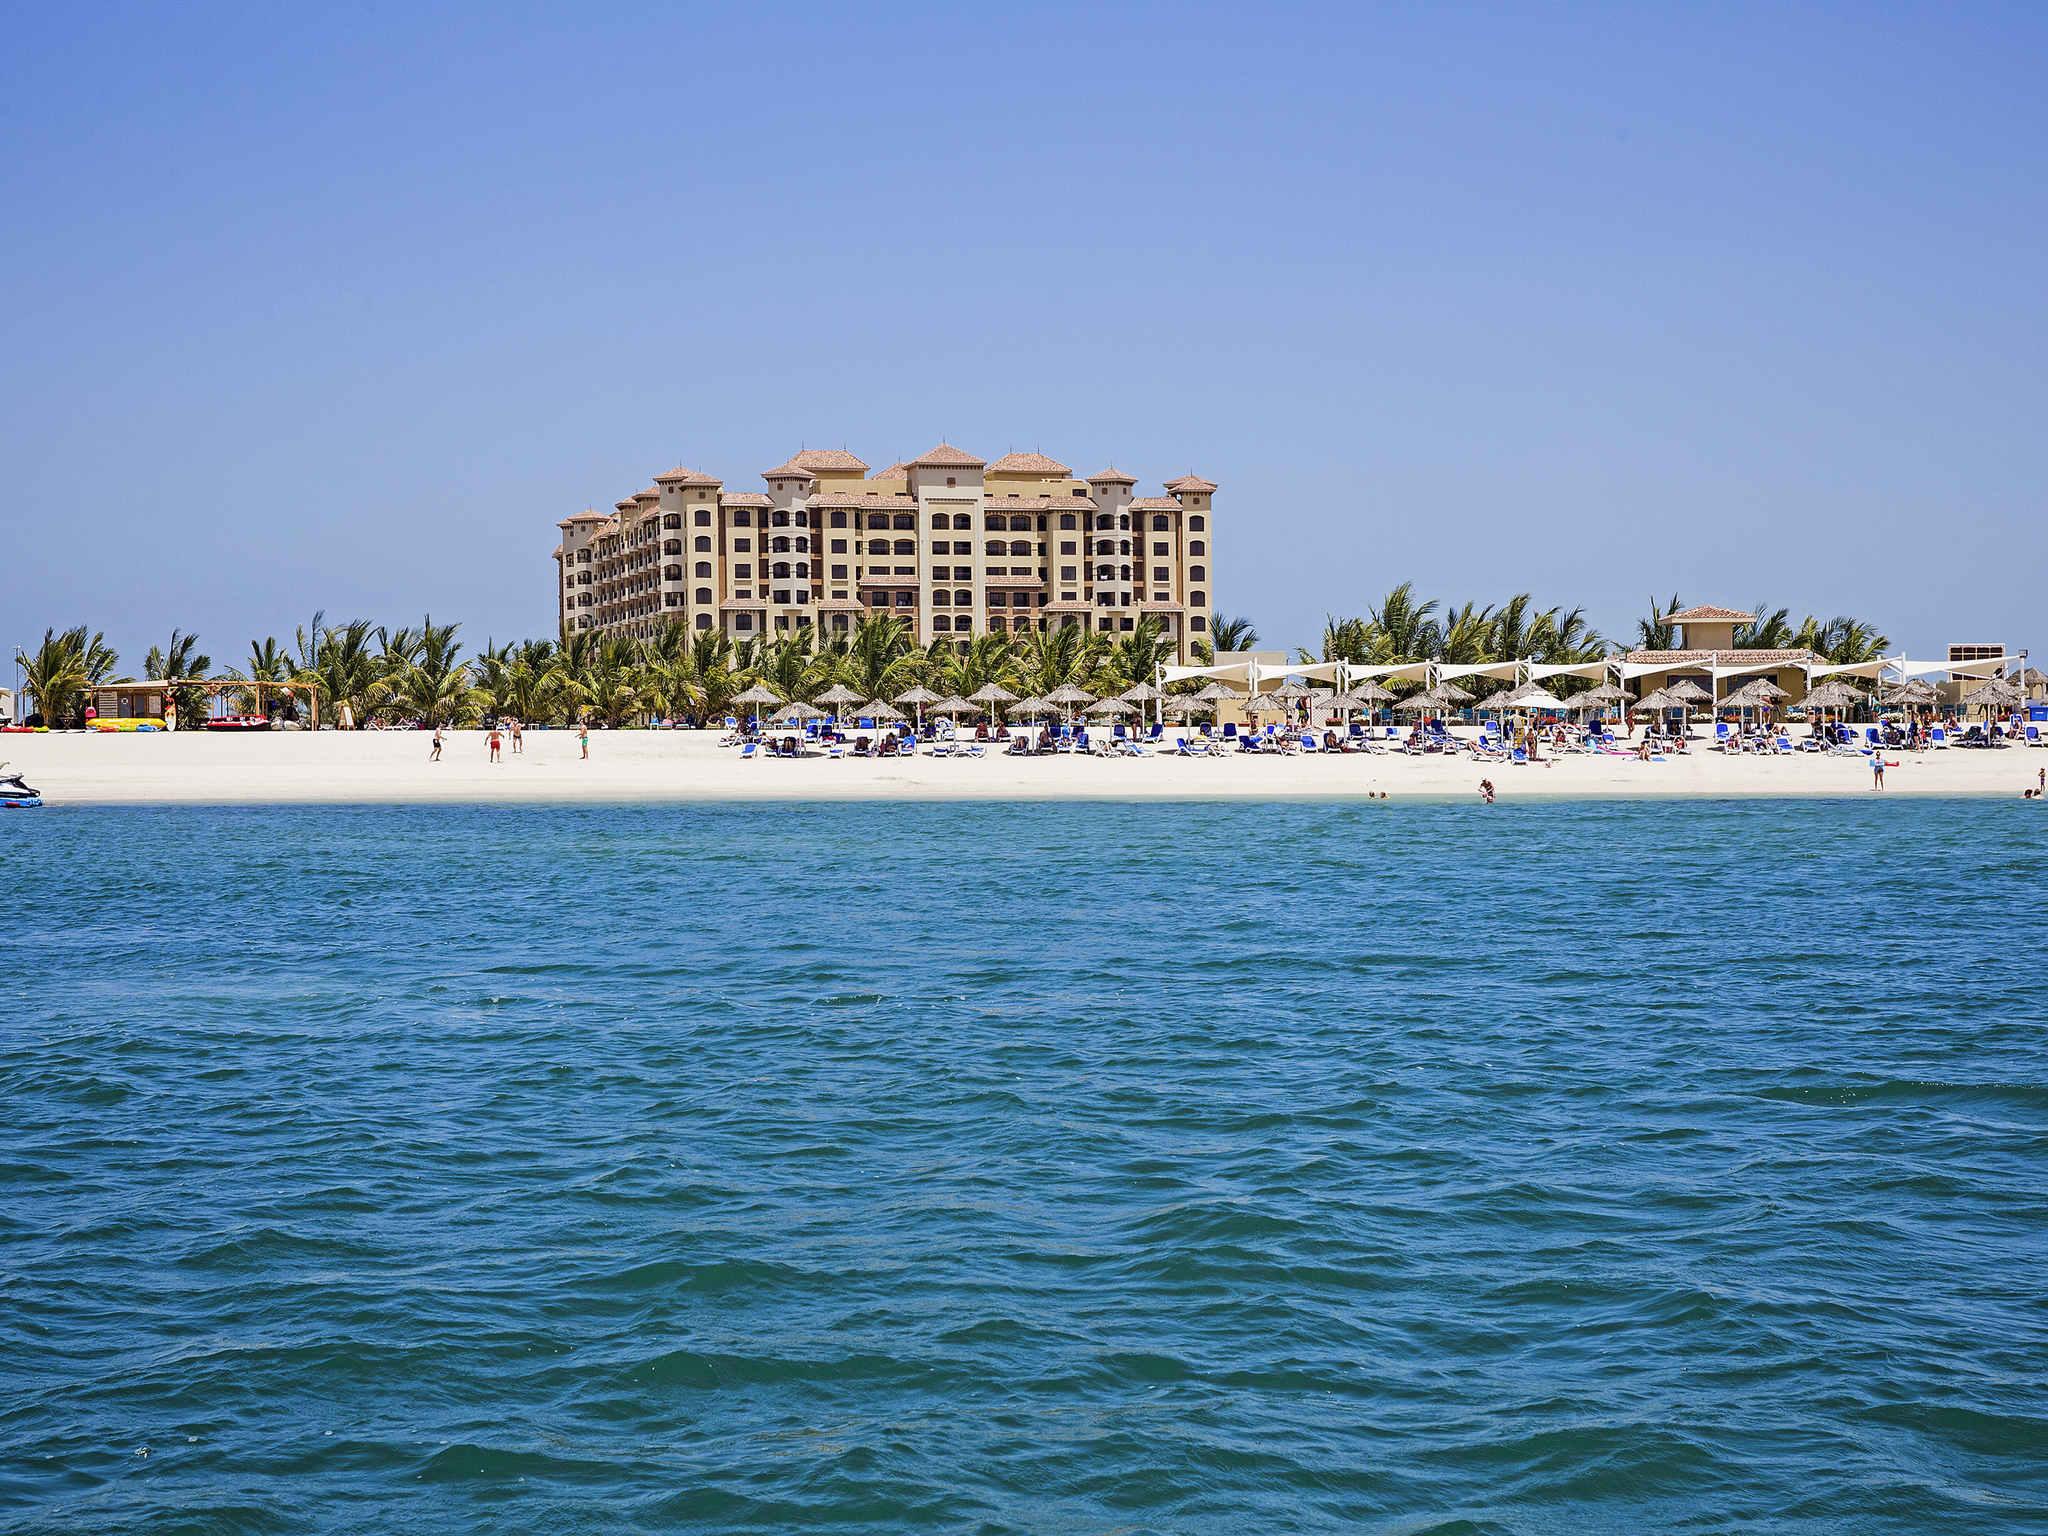 Hotel – Marjan Island Resort & Spa - beheerd door AccorHotels